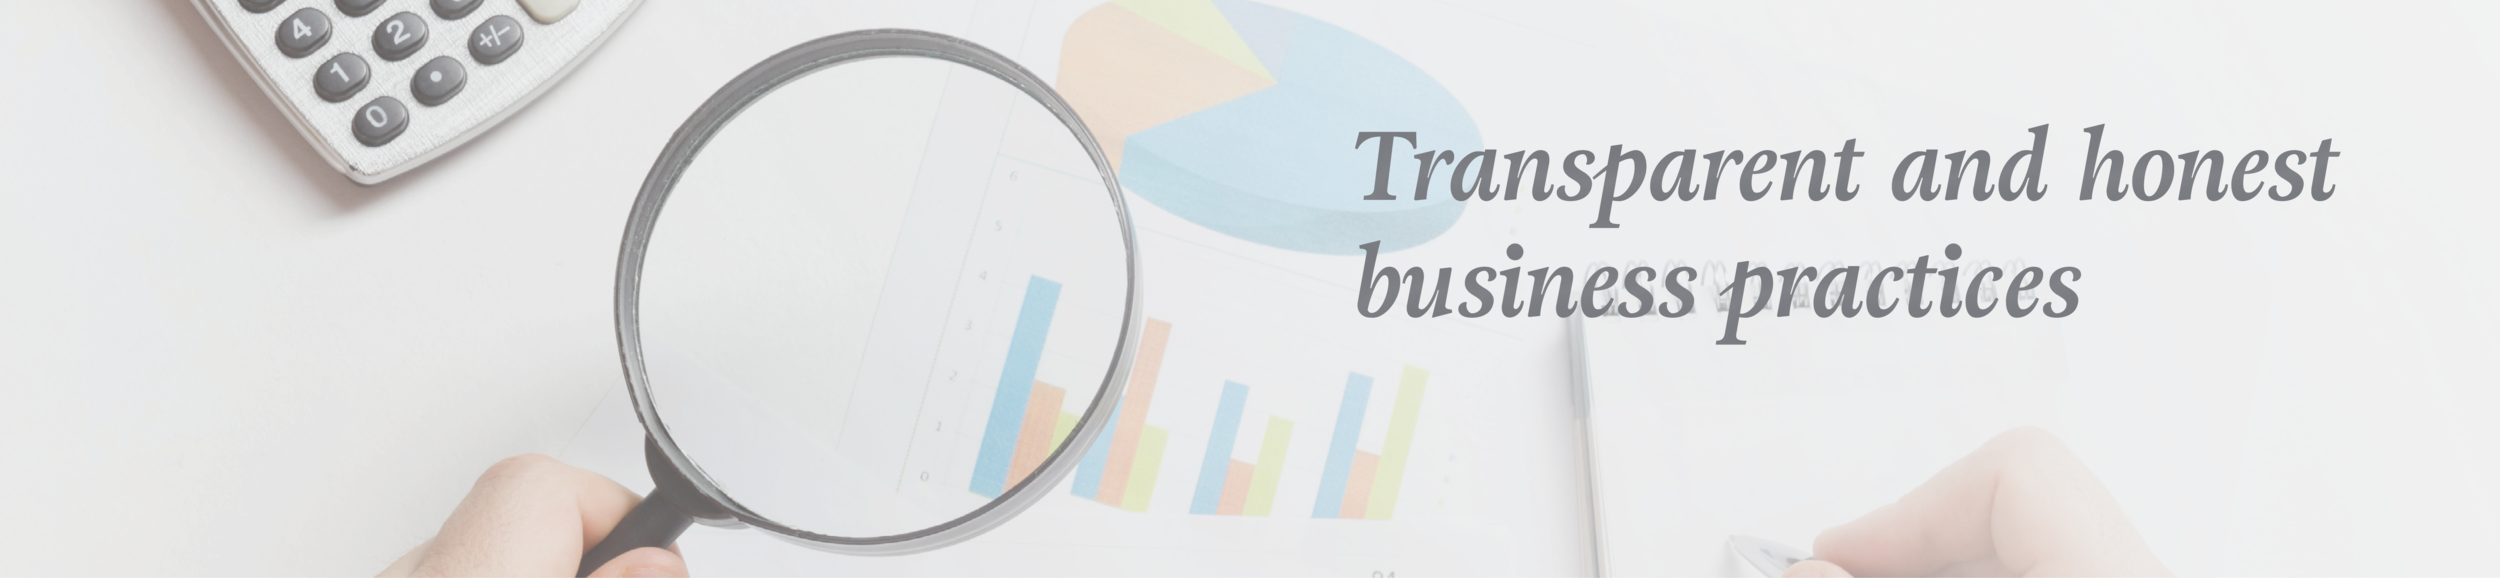 Transparent Investment Oppurtunities